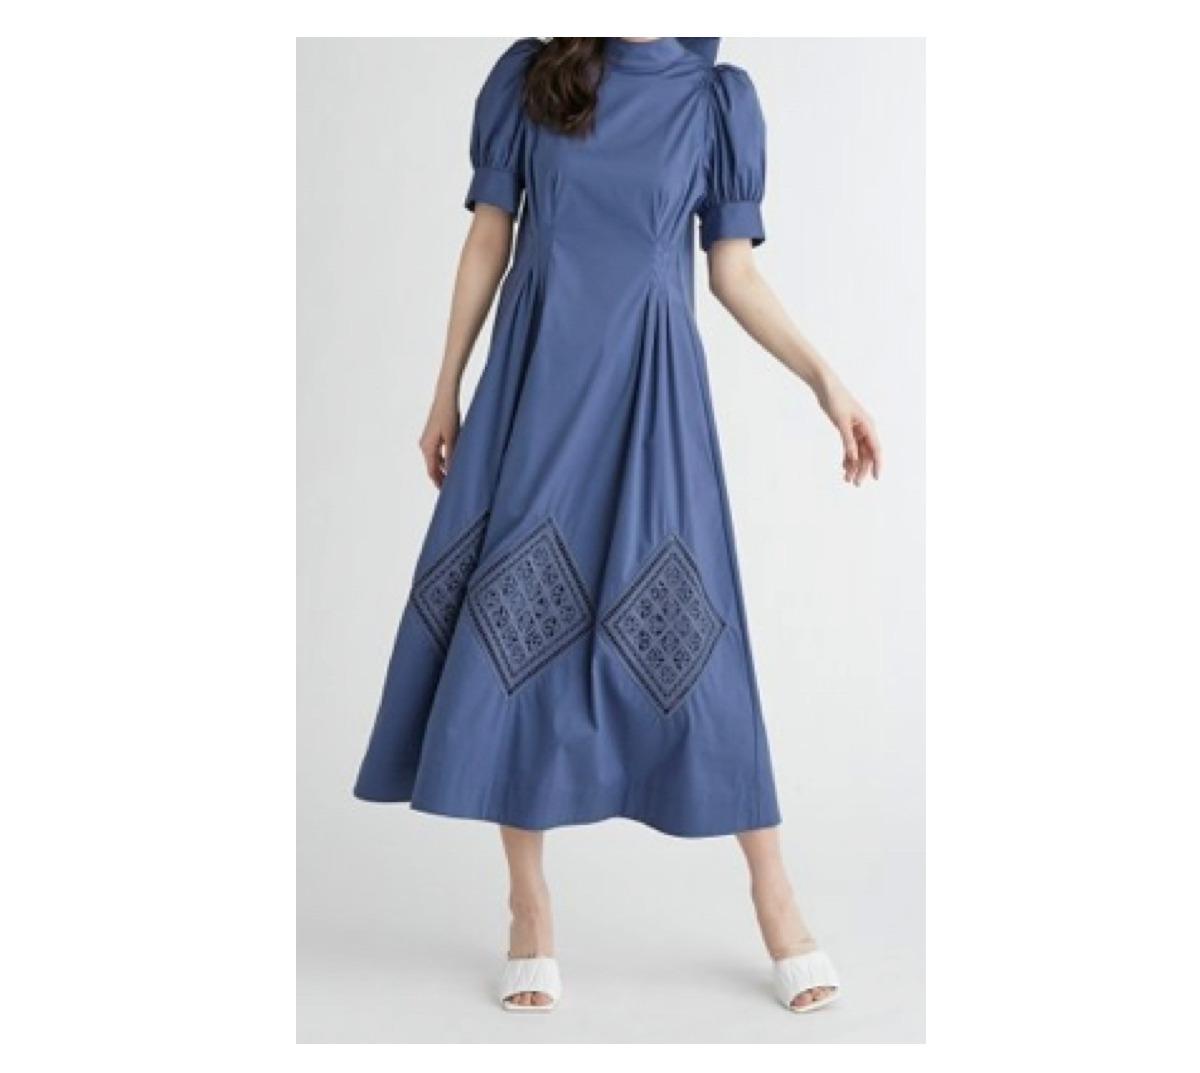 石川みなみ 衣装【ZIP!】着用ファッション(服・靴など)のブランドはこちら♪【zip】キャスター・石川みなみ(いしかわ みなみ)アナが着用しているファッション・衣装(服・バッグ・アクセサリー・靴など)やコーデ